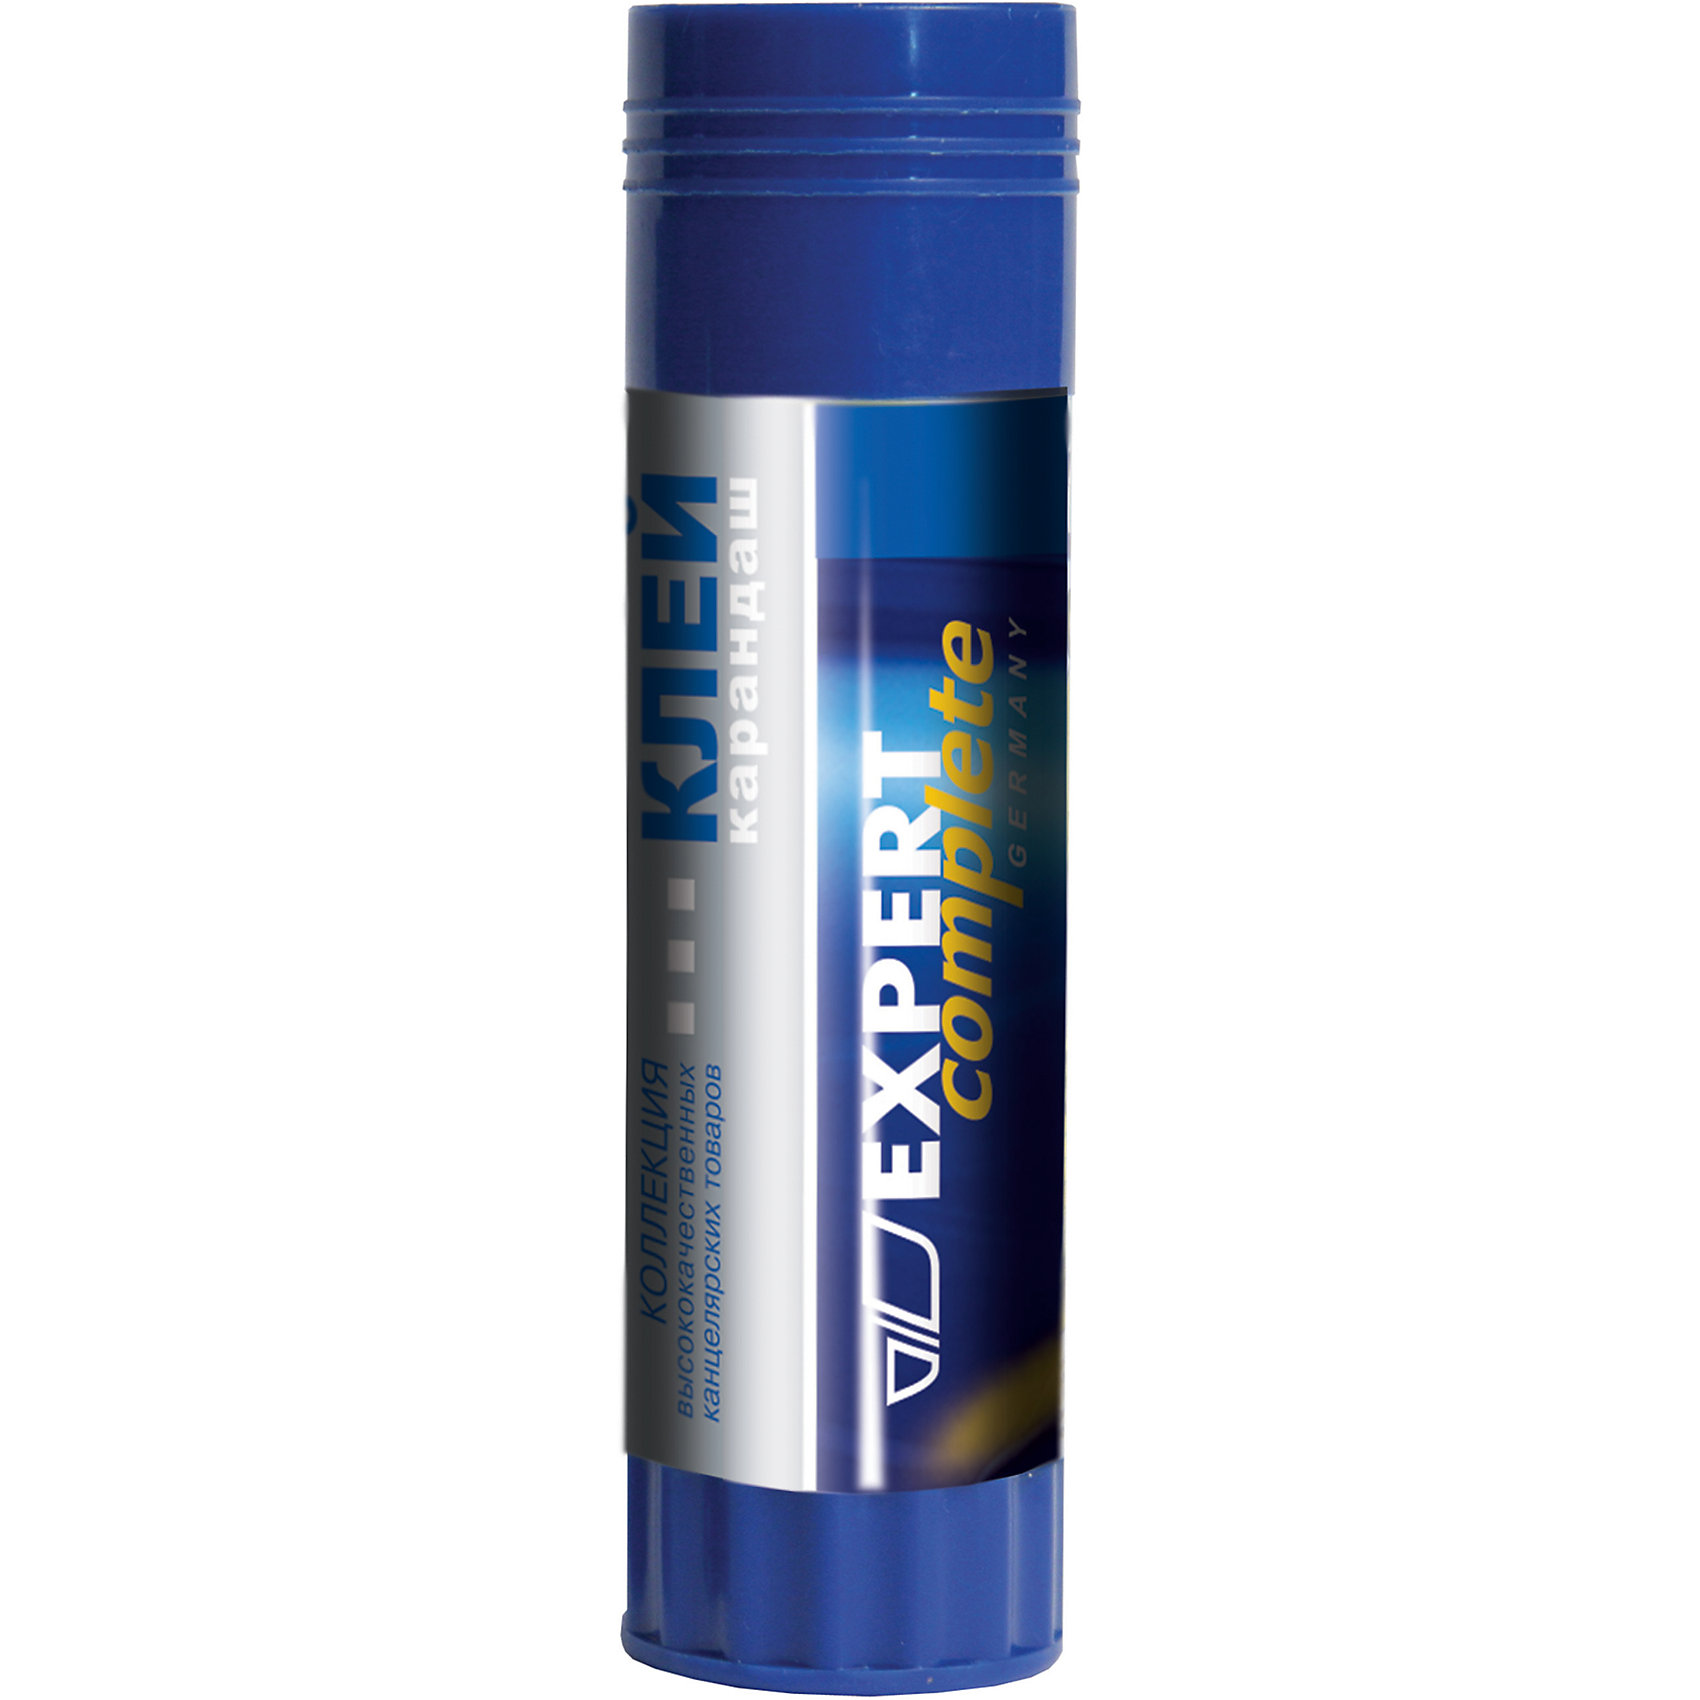 Клей-карандаш Expert 36 гр.Школьные аксессуары<br>Характеристики Клей-карандаш Expert:<br><br>• тип: клей карандаш<br>• вес: 36 г<br>• цветовой пигмент: отсутствует<br>• тип клеющей основы: PVA<br>• торговая марка: Expert Complete<br><br>Клей-карандаш Expert Complete предназначен для склеивания картона 330г., бумаги любой плотности, фото и ткани. Основа клея обладает мягкой структурой и содержит глицерин для легкого скольжения. Легко смывается водой и отстирывается, не имеет запаха. Простой и удобный механизм, расположенный в основании стержня, позволяет легко выкрутить и закрутить столбик клея. Вес - 36г. Не содержит цветовых пигментов (бесцветный). Нетоксичен и экологичен. Суперпрочное склеивание. Время склеивания - 30 секунд, для глянцевой бумаги - до 3-х минут.<br><br>Клей-карандаш Expert, 36 гр. можно купить в нашем интернет-магазине.<br><br>Ширина мм: 110<br>Глубина мм: 300<br>Высота мм: 30<br>Вес г: 60<br>Возраст от месяцев: 48<br>Возраст до месяцев: 2147483647<br>Пол: Унисекс<br>Возраст: Детский<br>SKU: 5475535